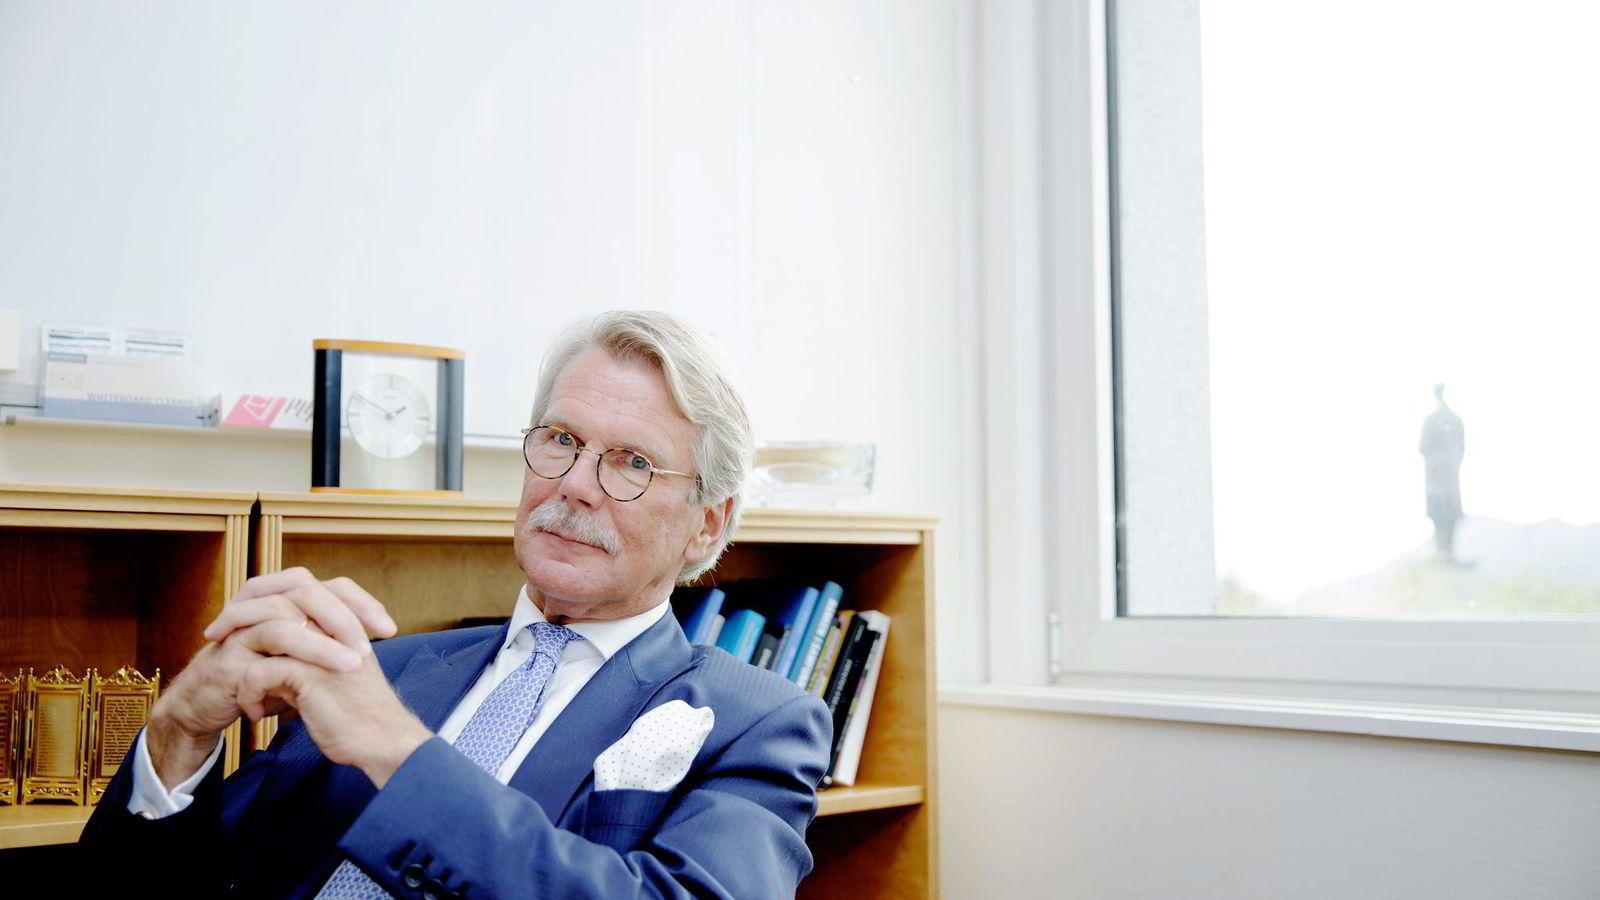 Styreleder i Sampo og Nordea, Björn Wahlroos. Foto: Paul S. Amundsen.